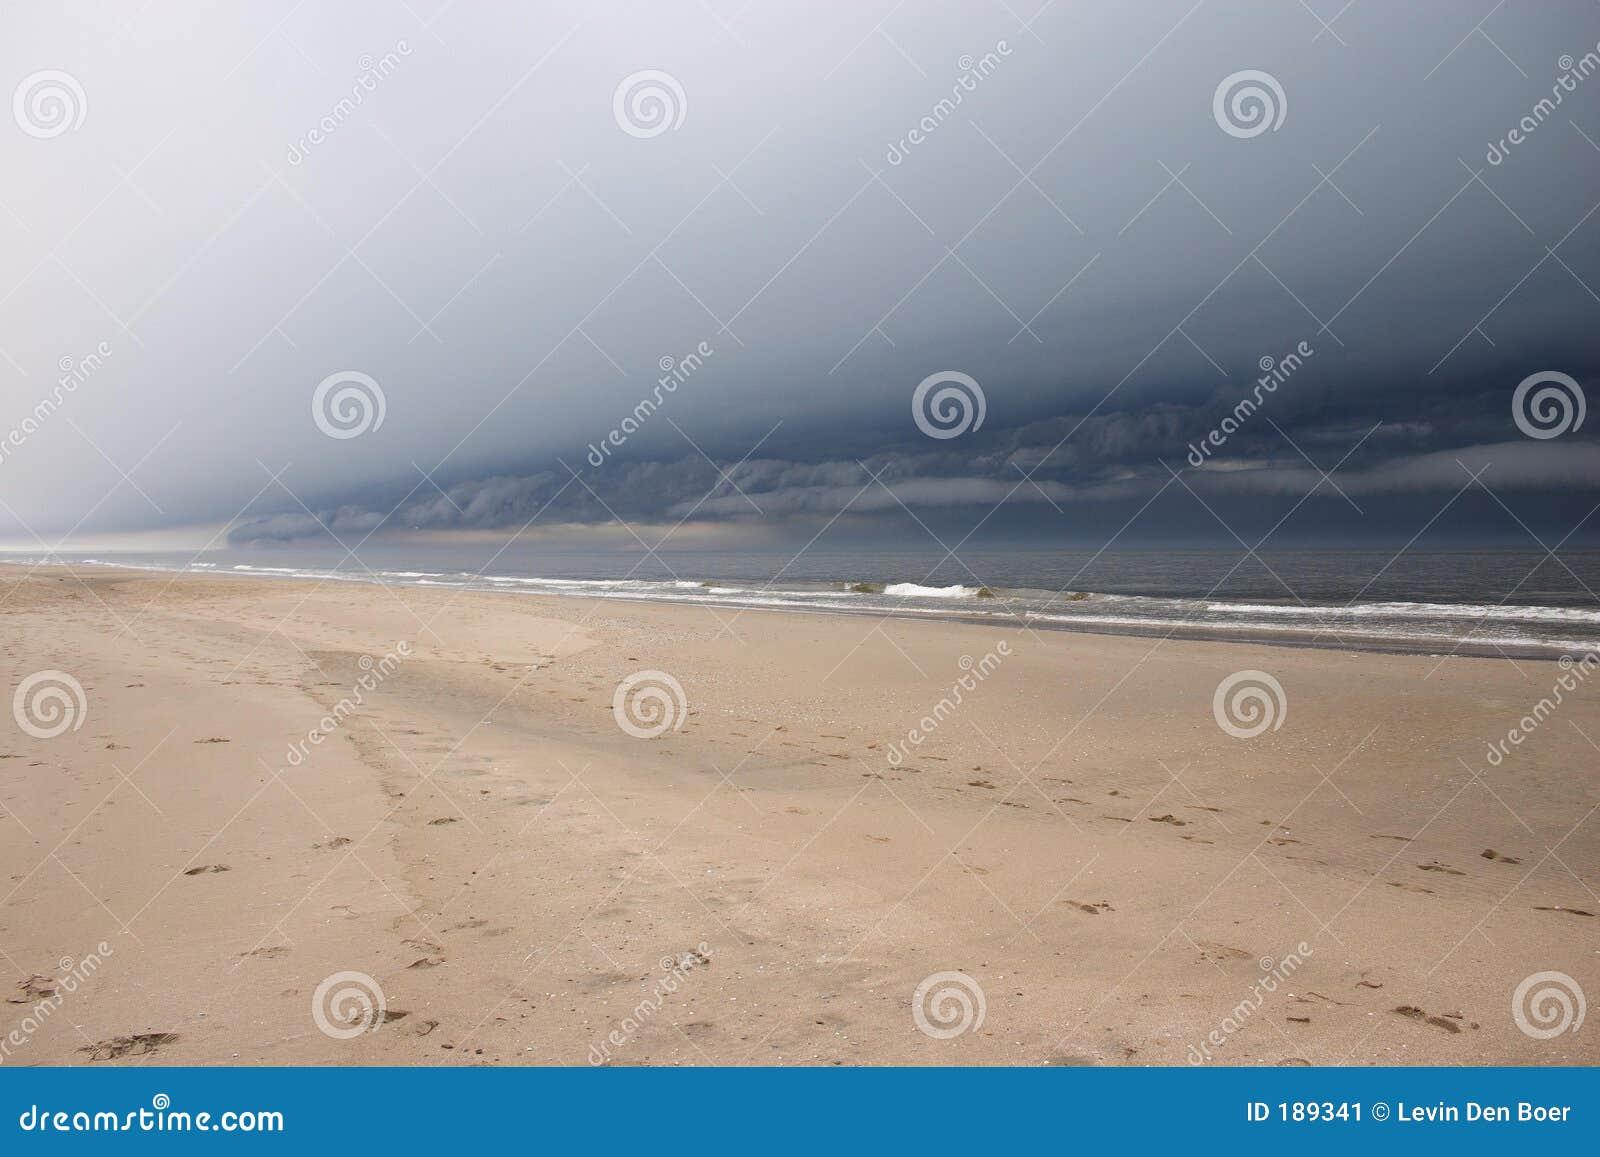 Zandvoort_002